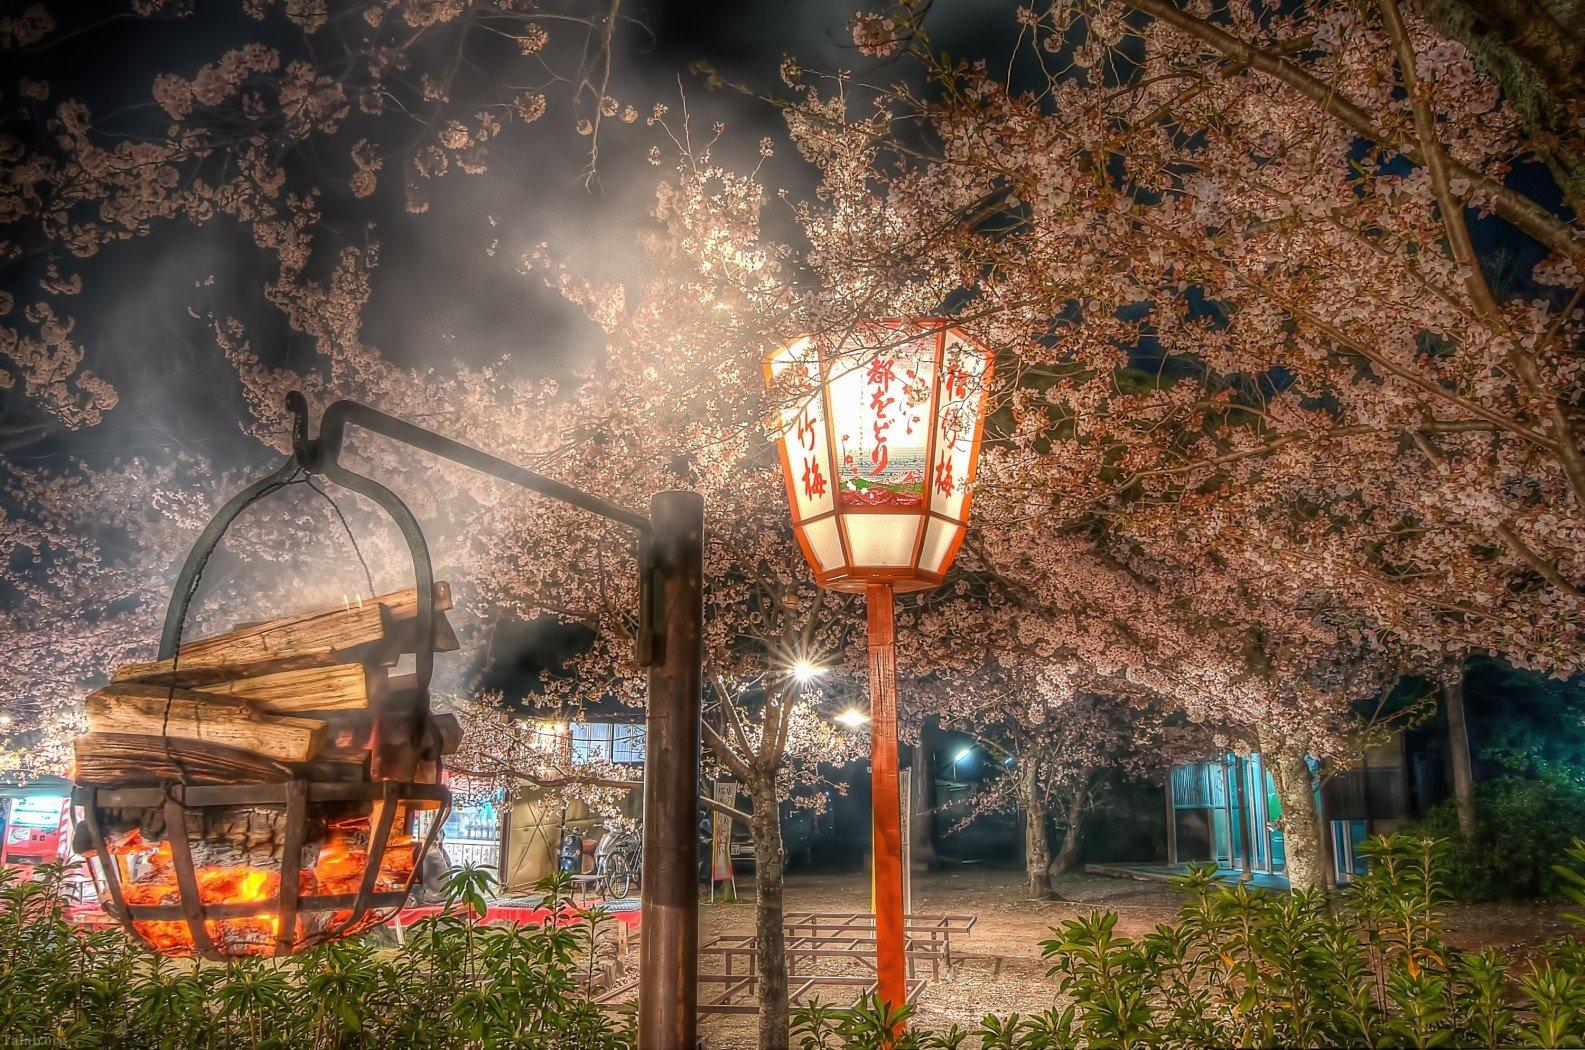 15 عکس زیبا و با کیفیت از ژاپن